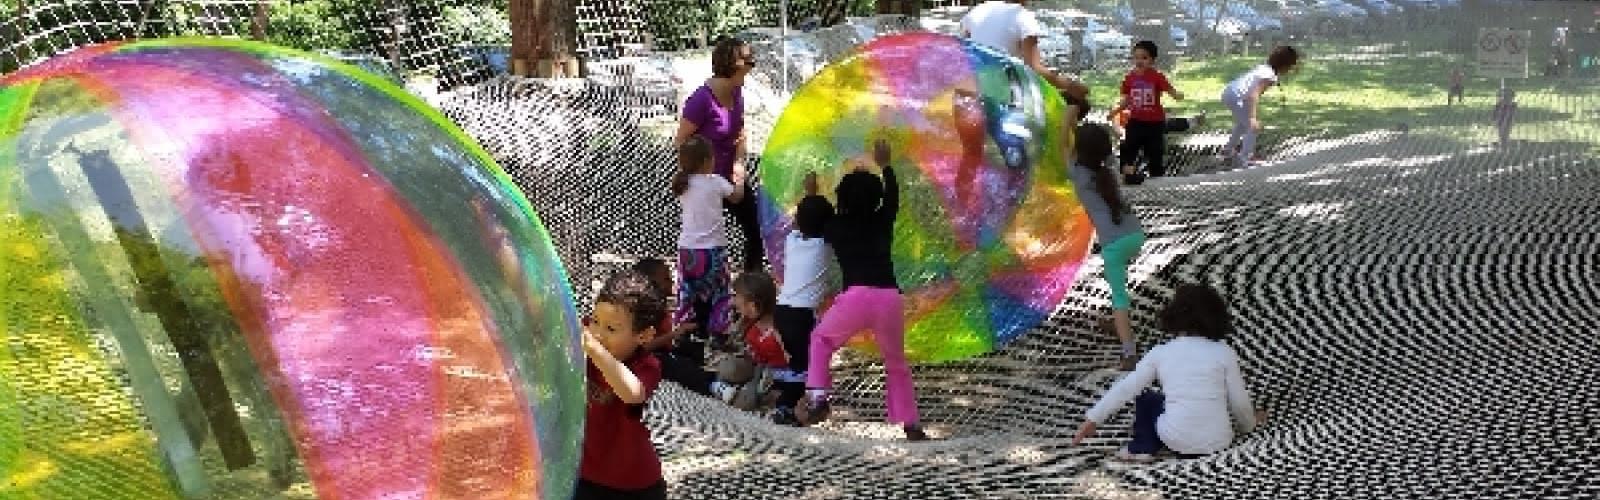 Une aire de jeu pour s'amuser à douze mètres de haut en toute sécurité